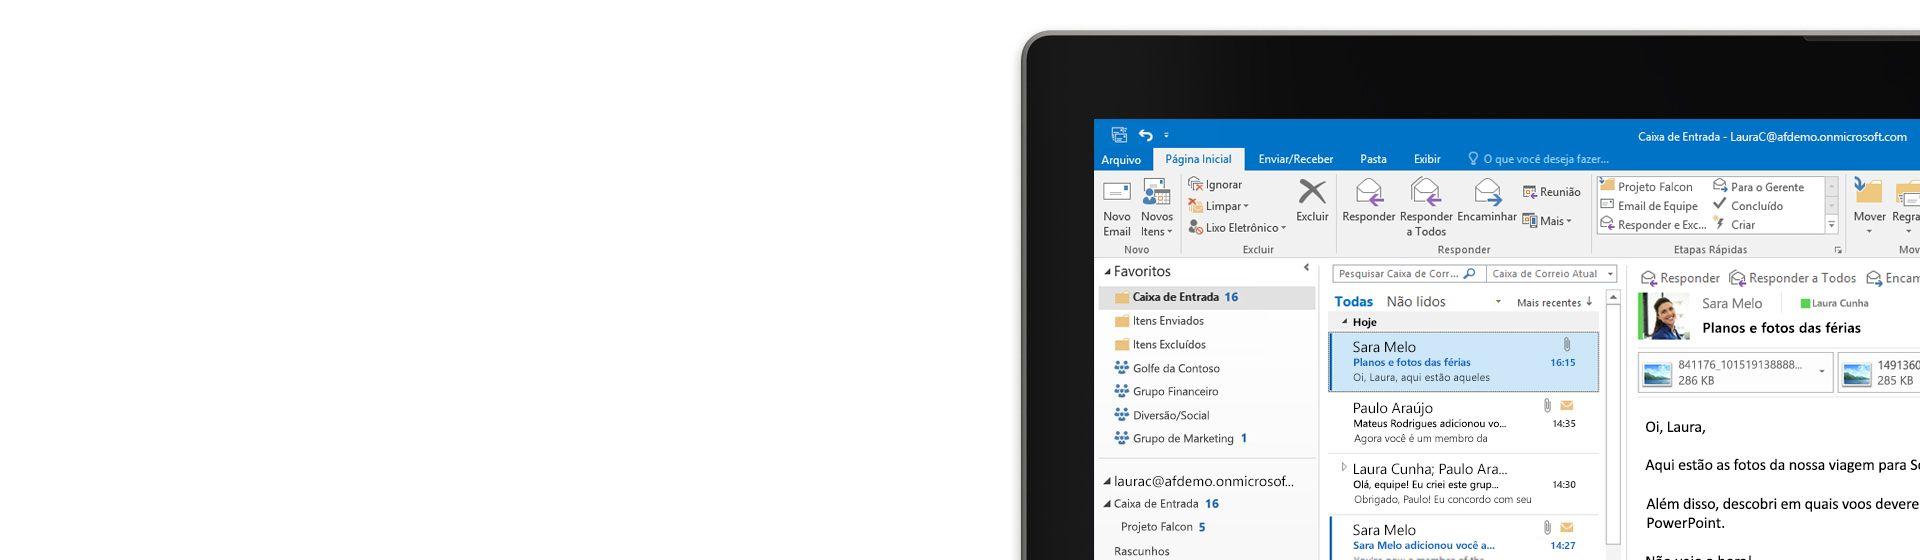 Visualização parcial da versão do Microsoft Outlook para área de trabalho